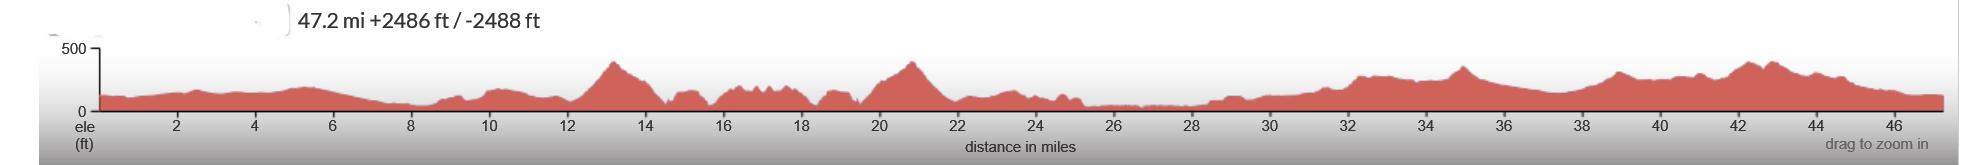 Montana-de-Oro-Cuesta-SLO-II-Elevation-Profile